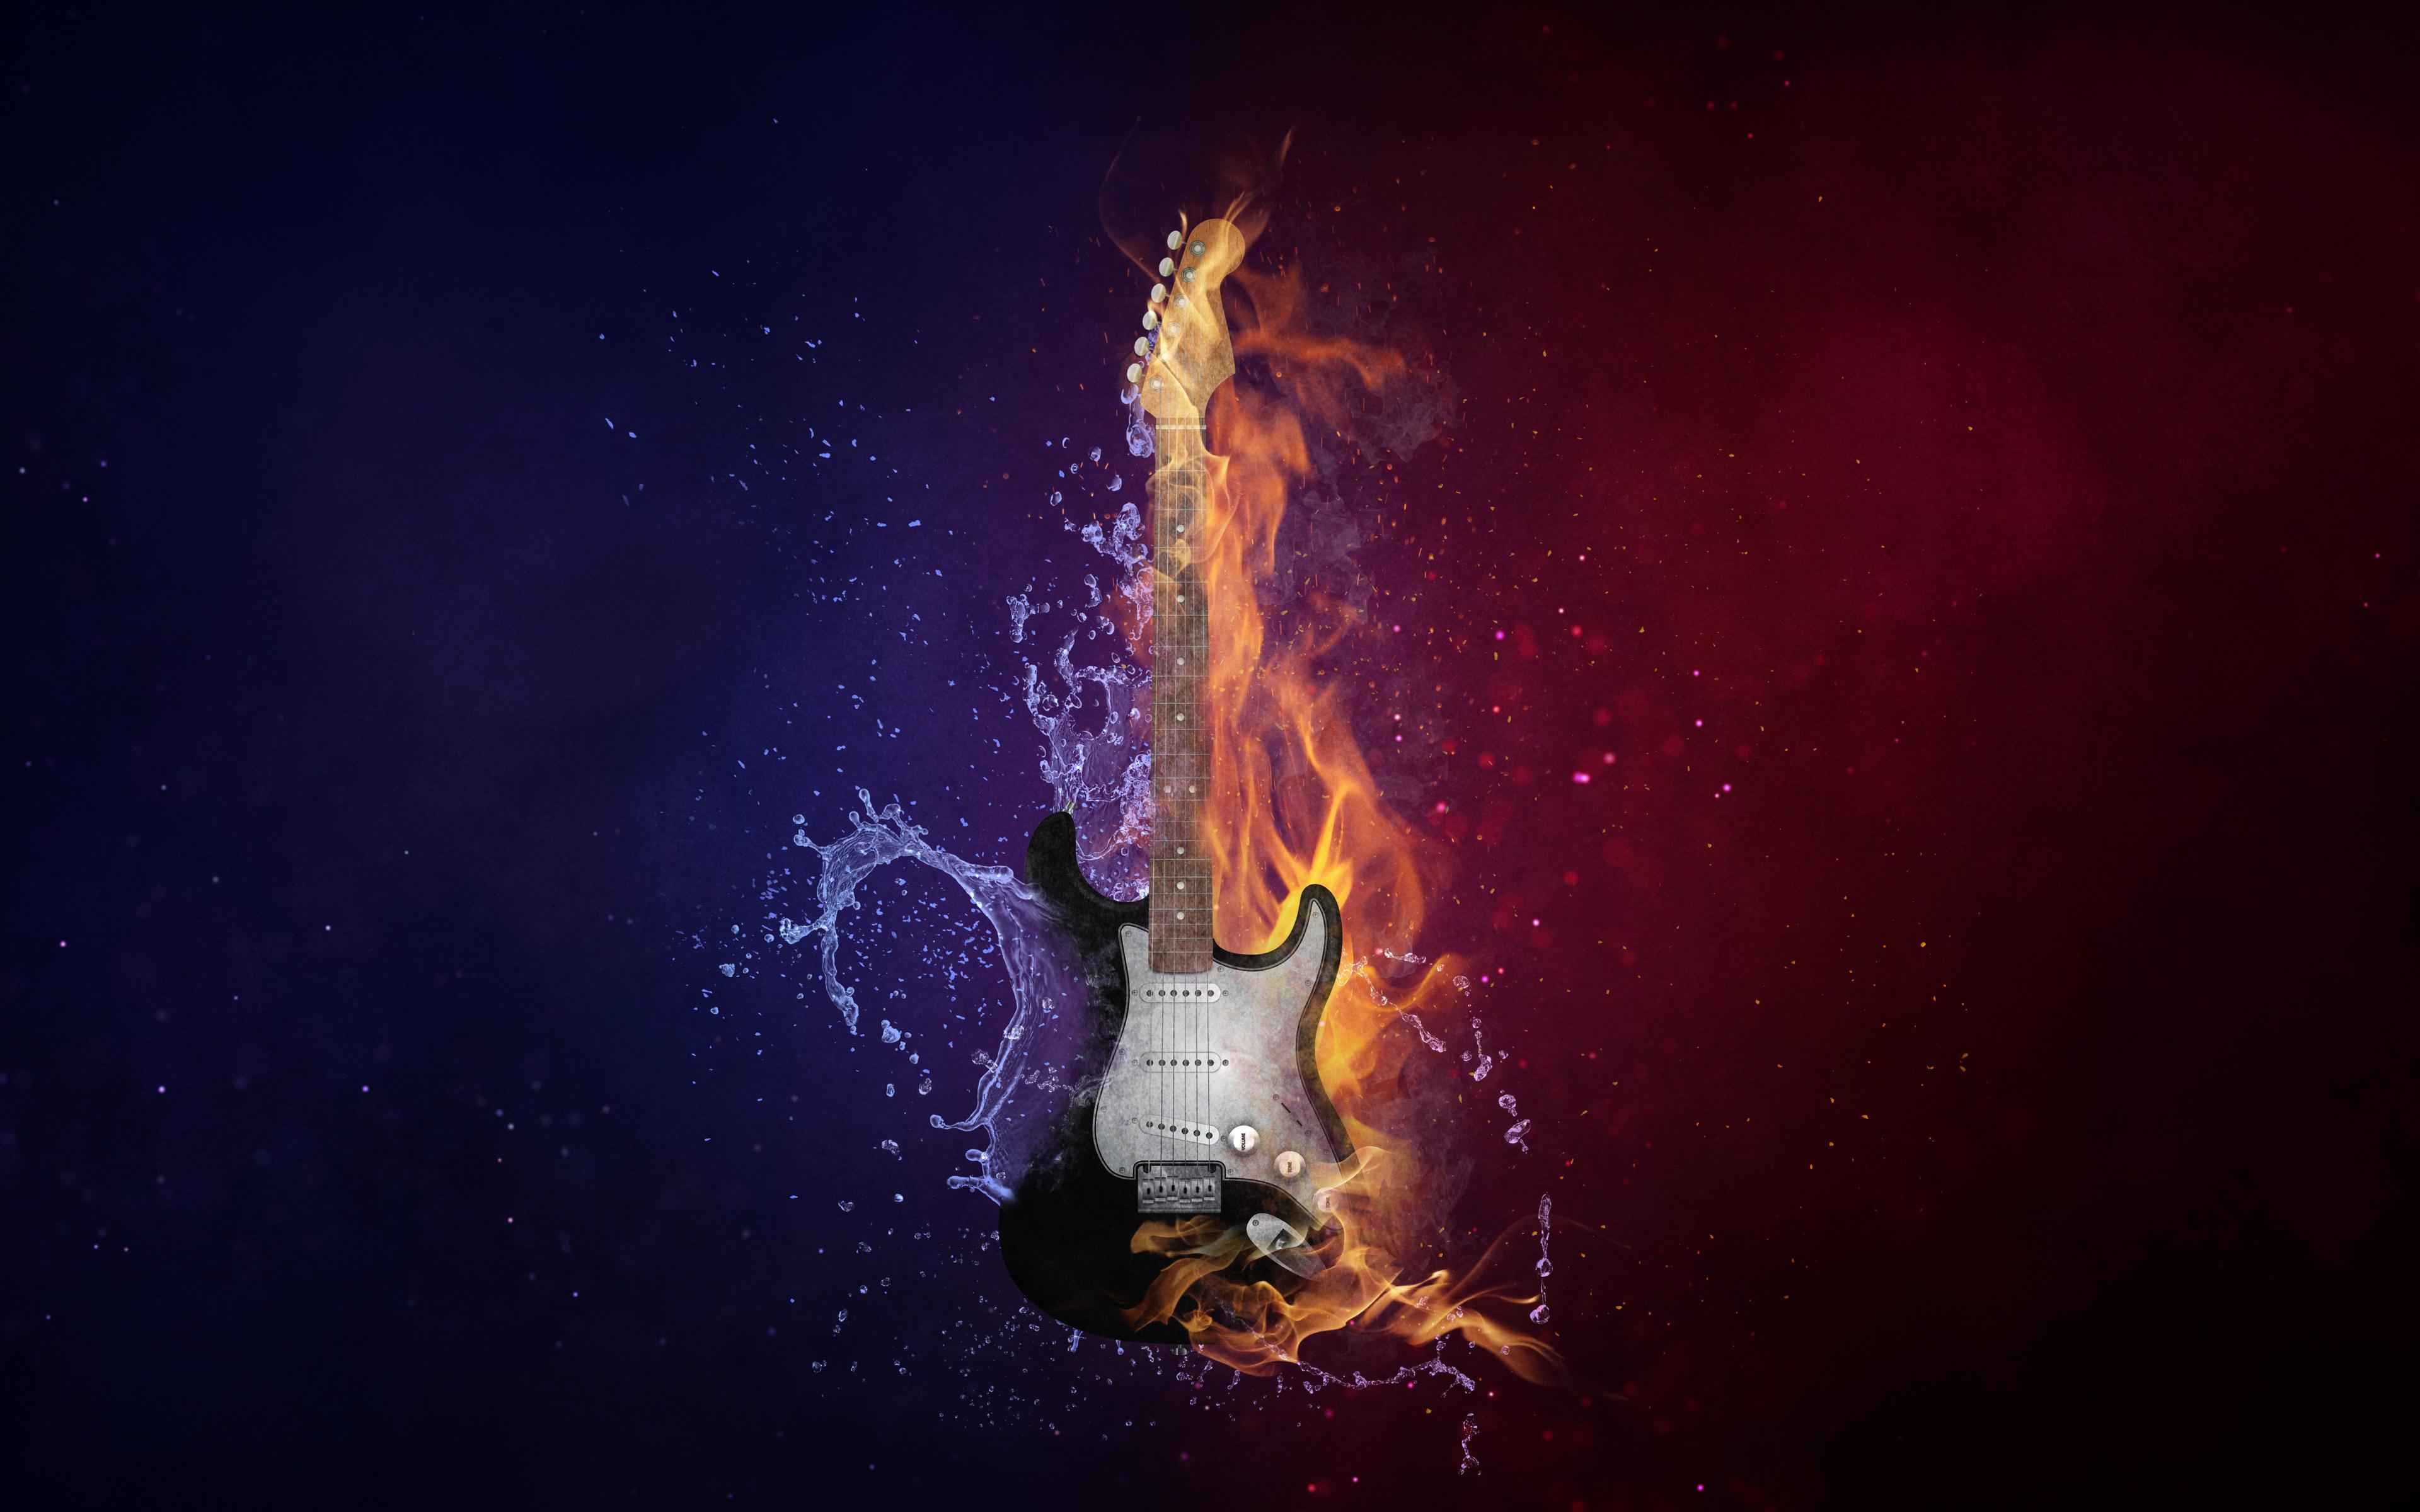 Гитара огонь & amp; холодный обои скачать